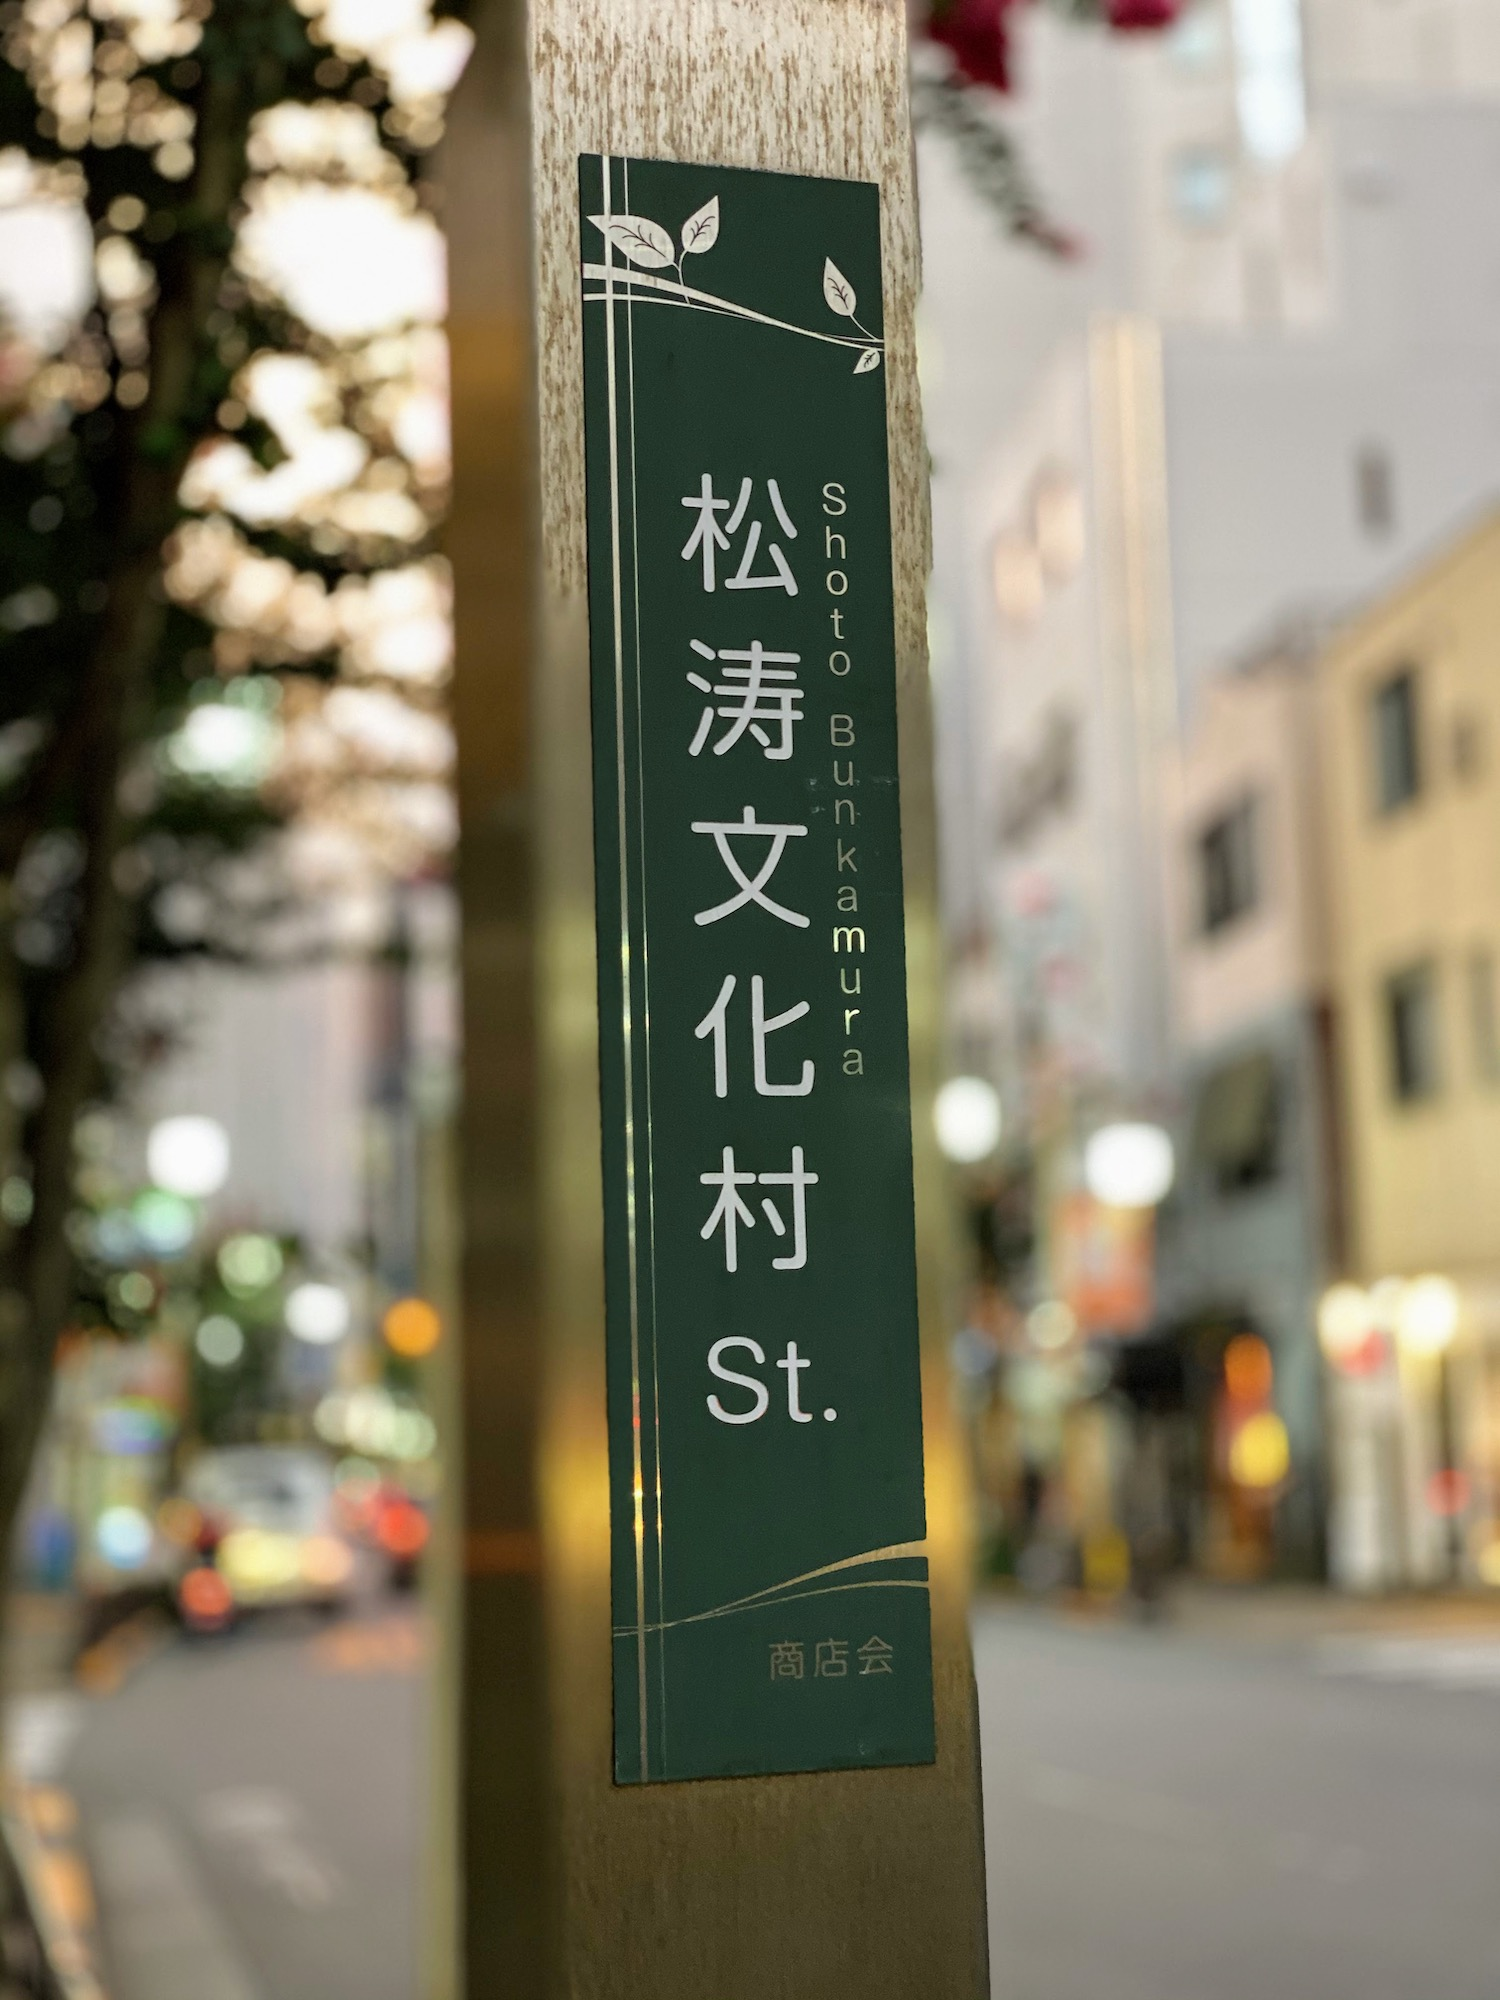 松濤文化財通りの標識(2020年8月13日)/撮影:SHUN